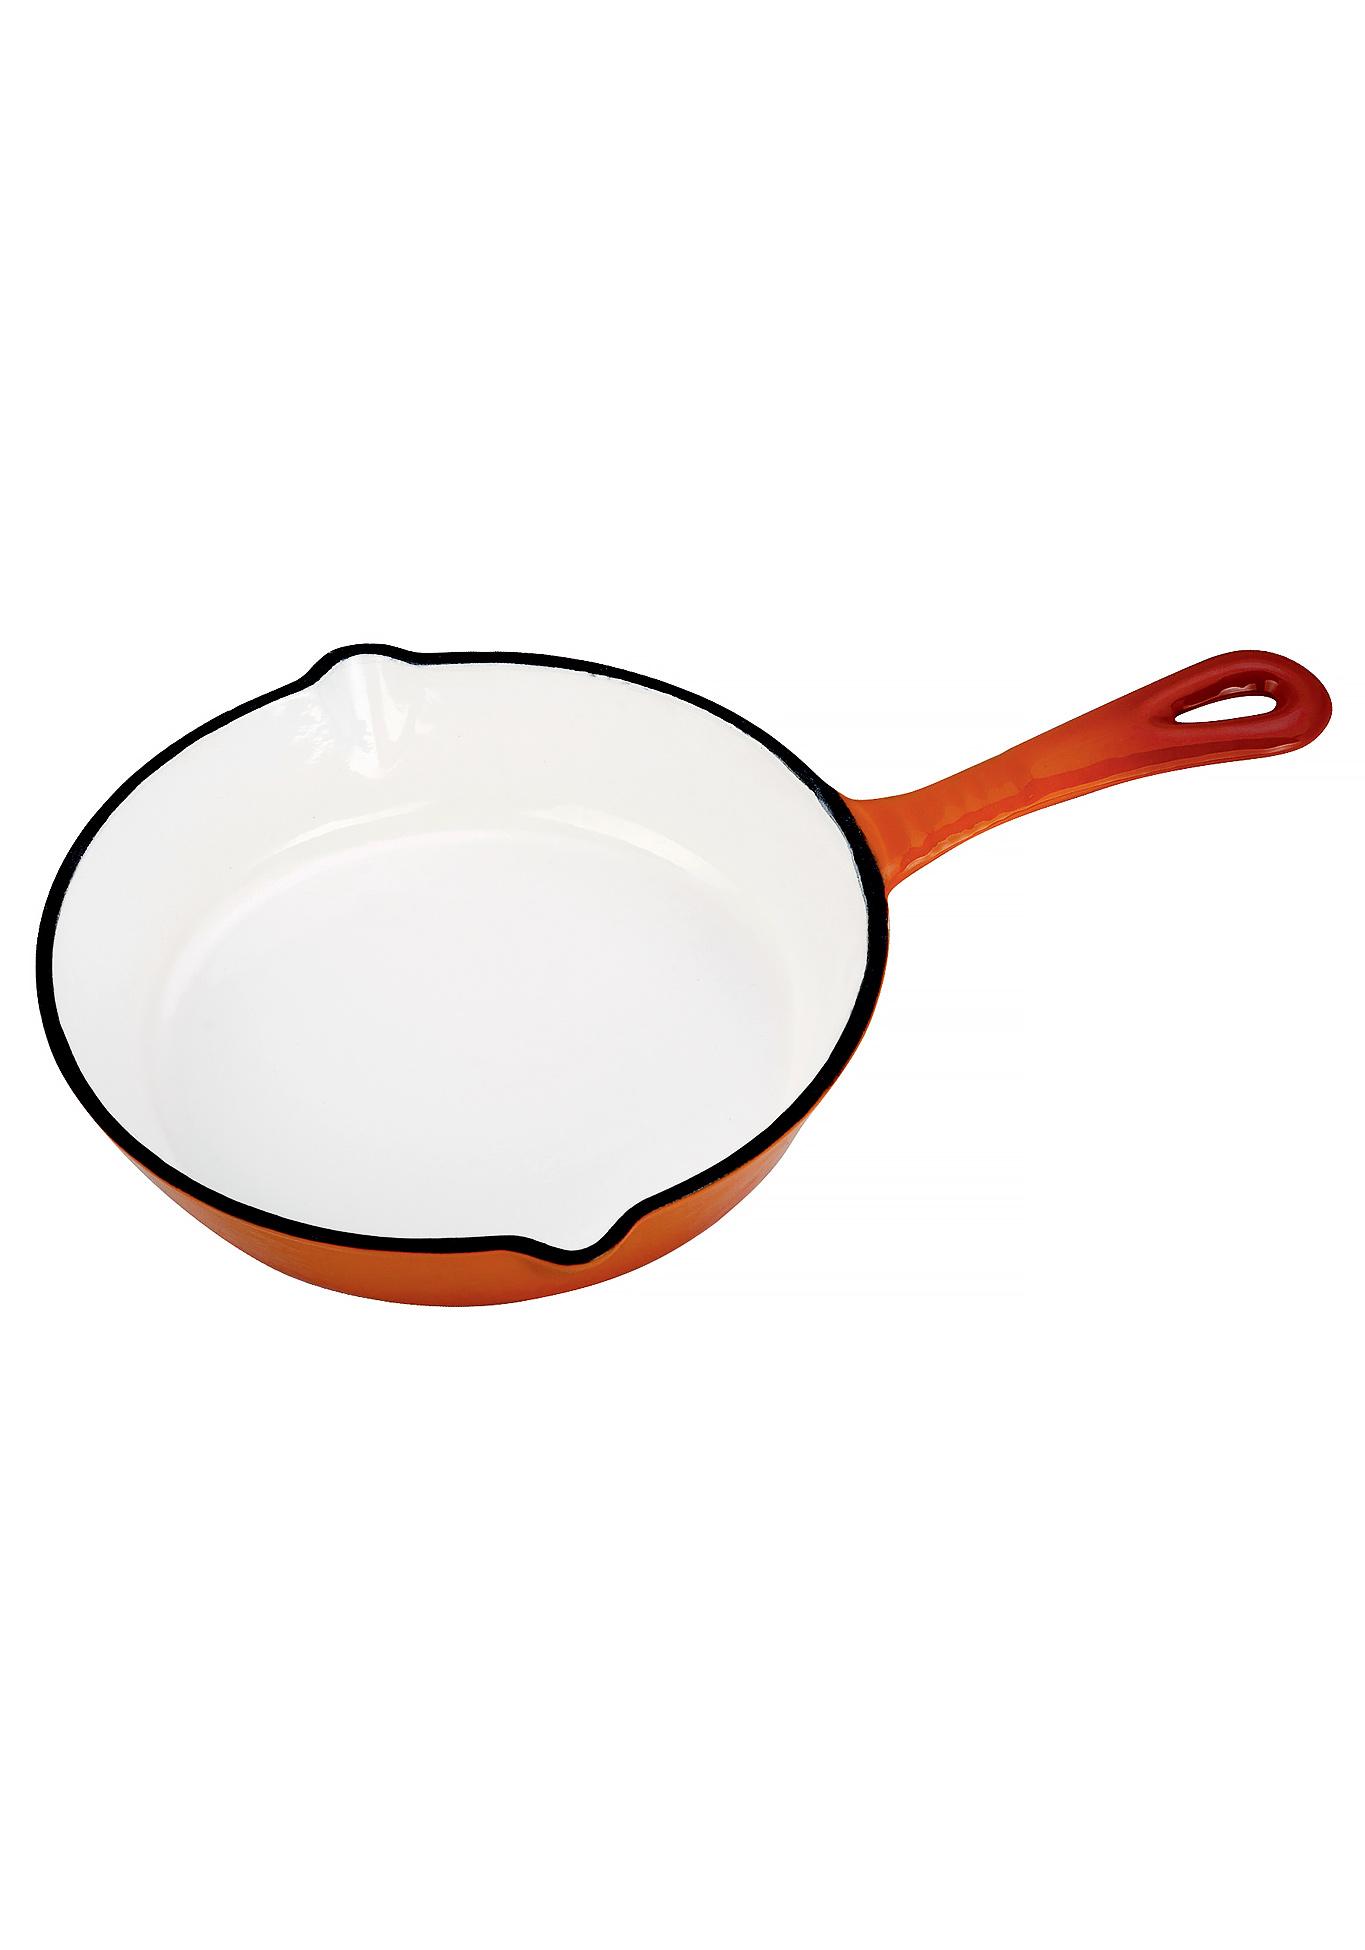 Сковорода чугунная эмалированная + подарок